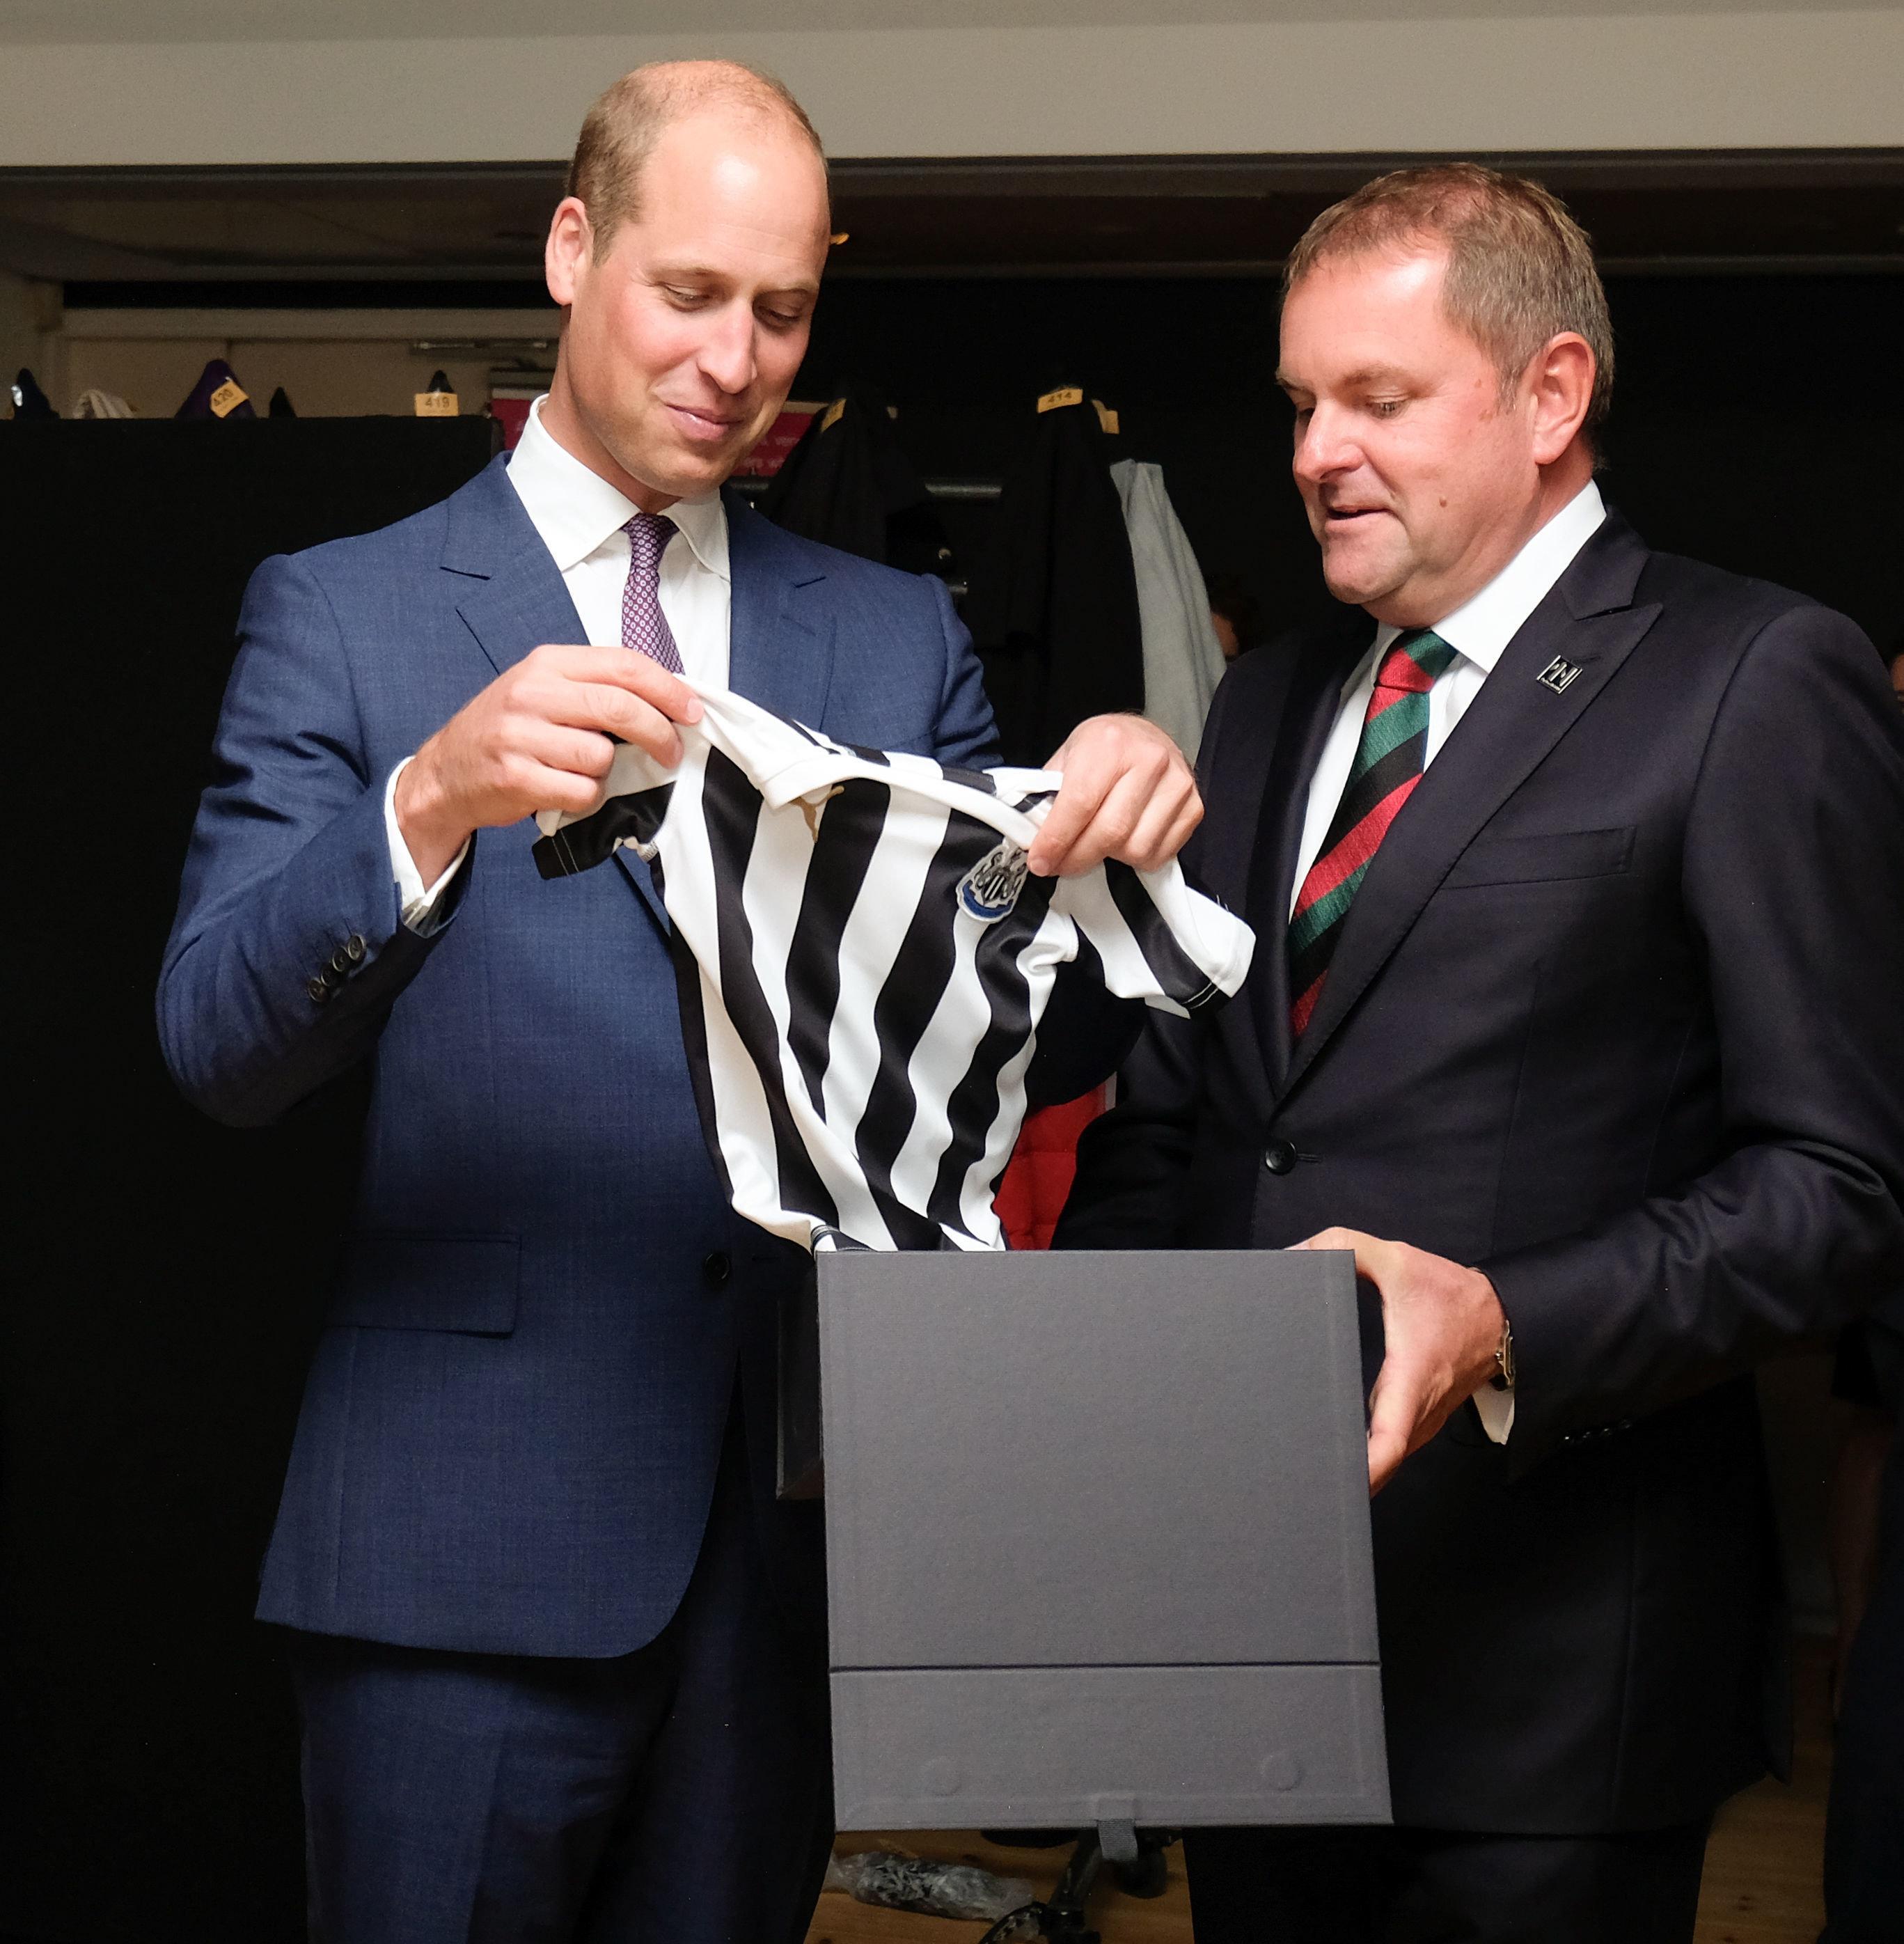 Prinz William erhält Geschenk für George – und reagiert mit Augenrollen